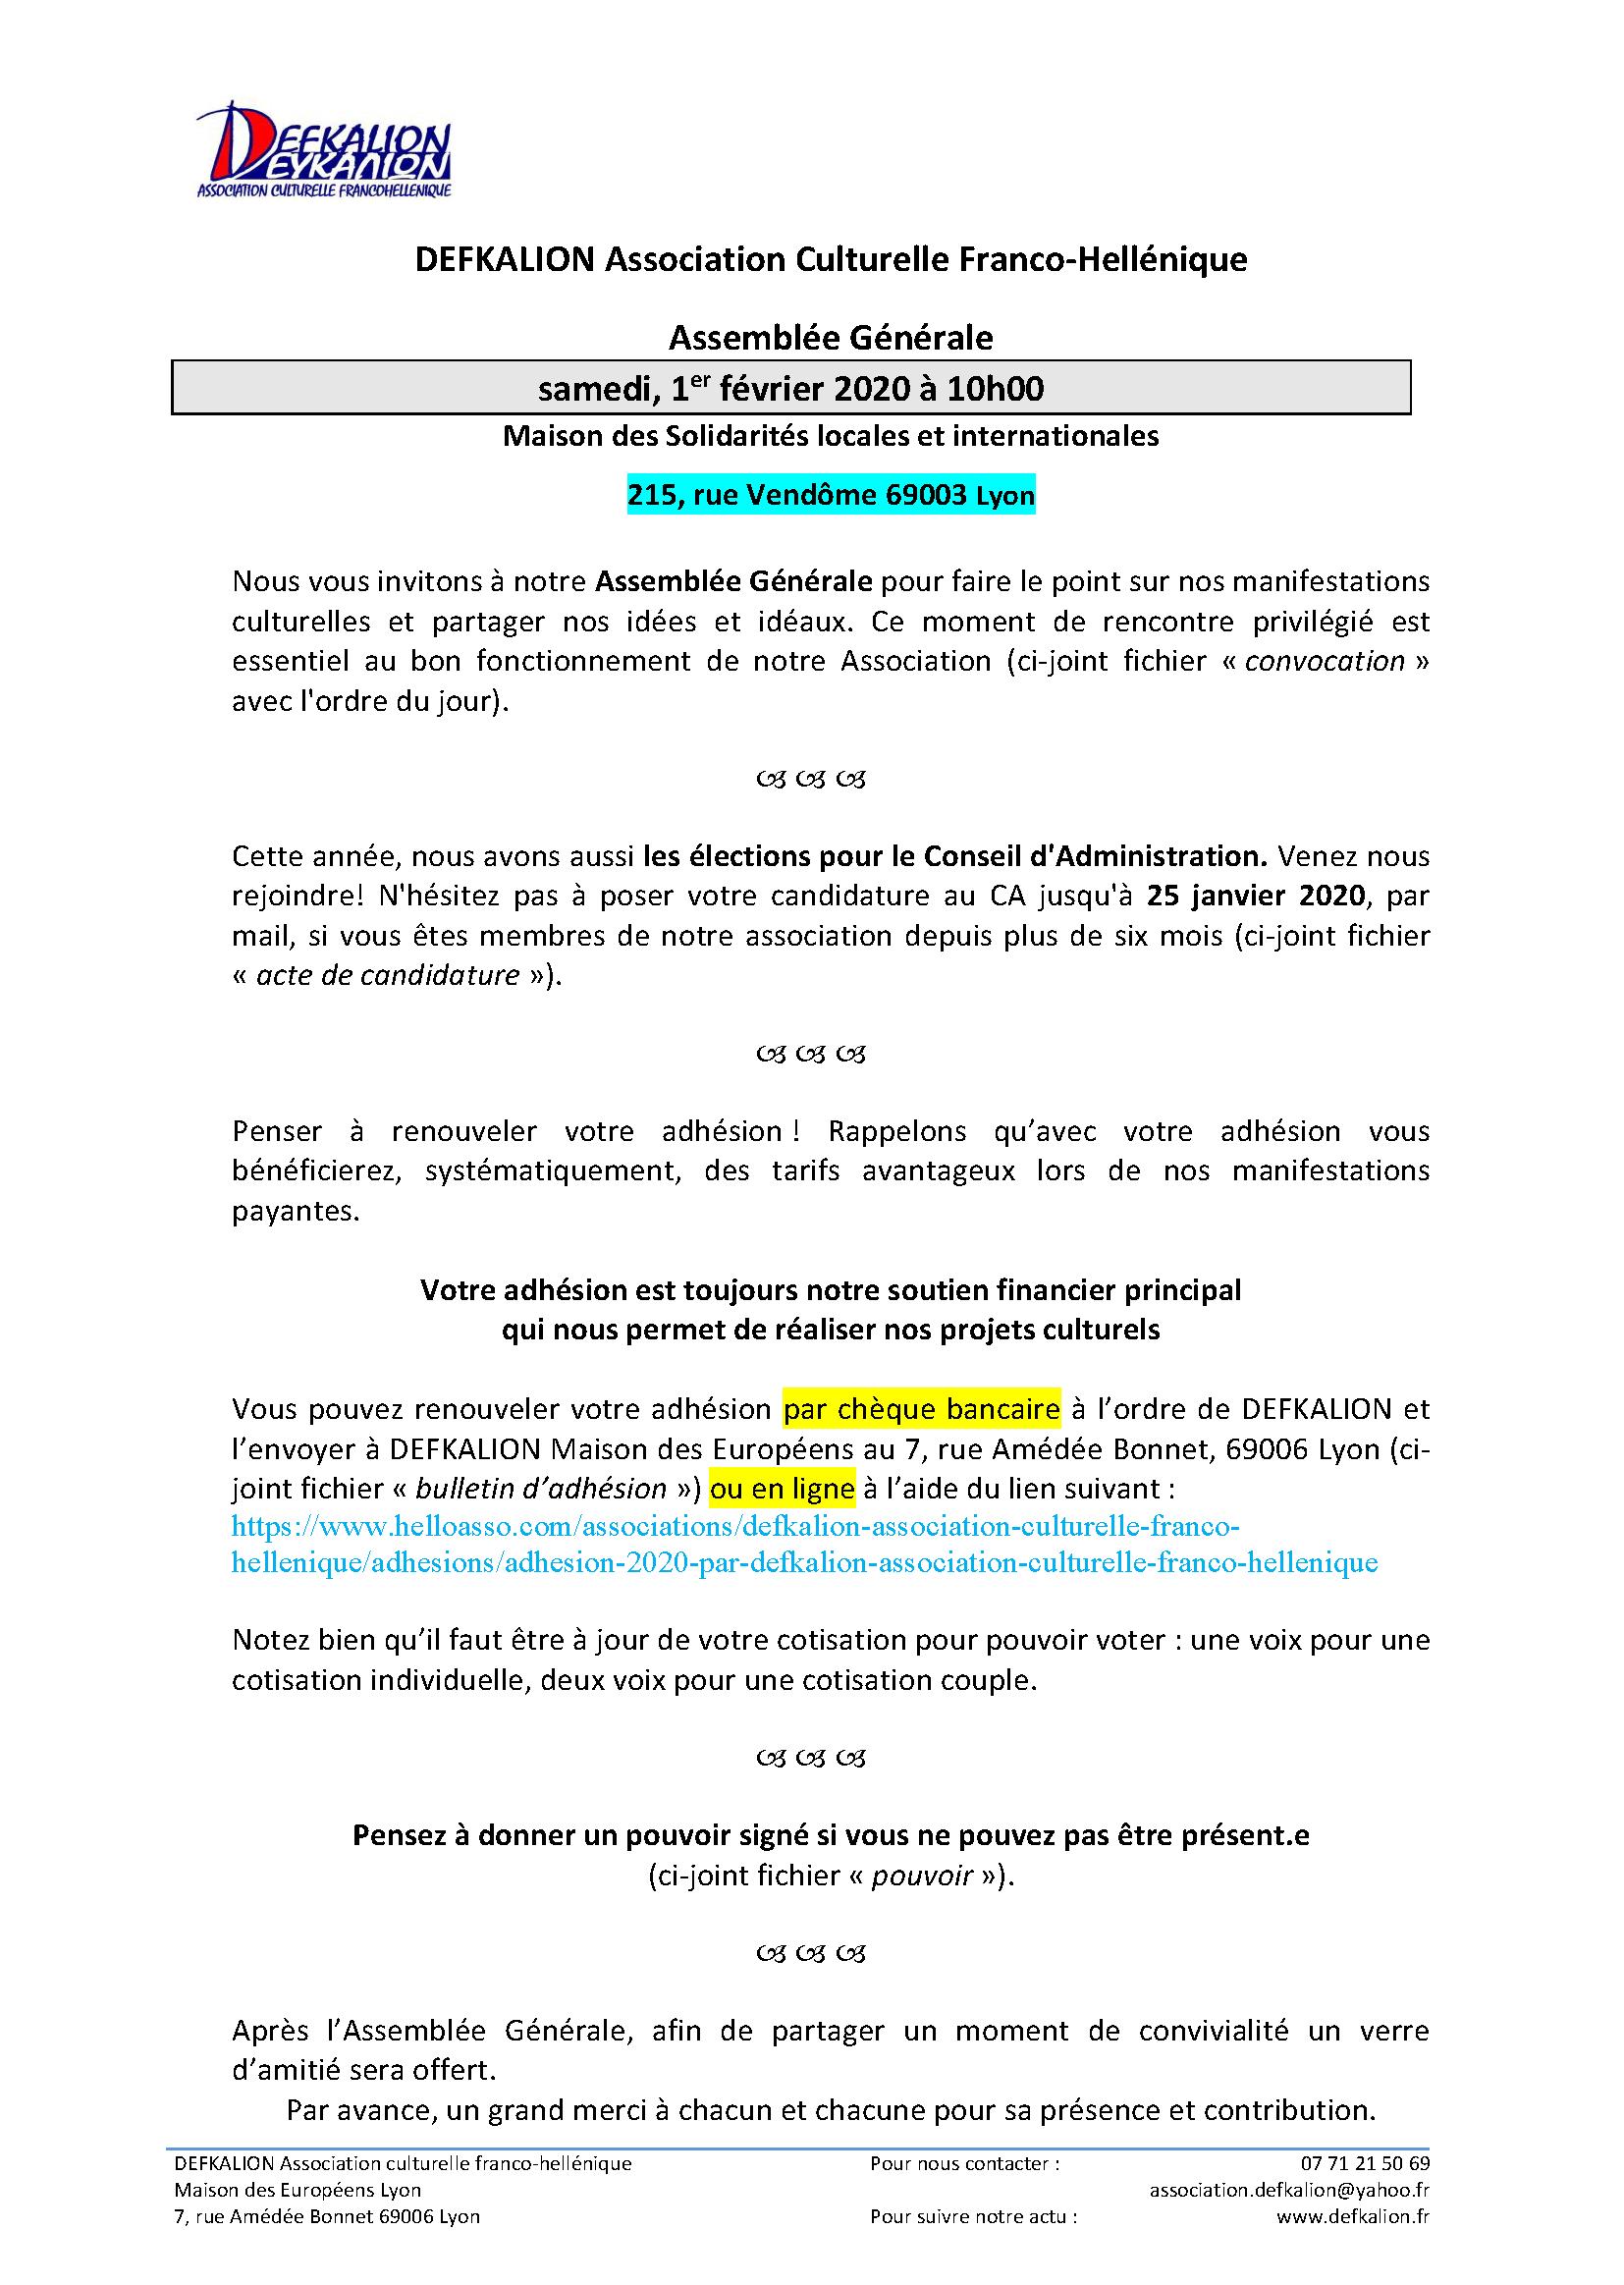 DEFKALION AG 2020 texte 1